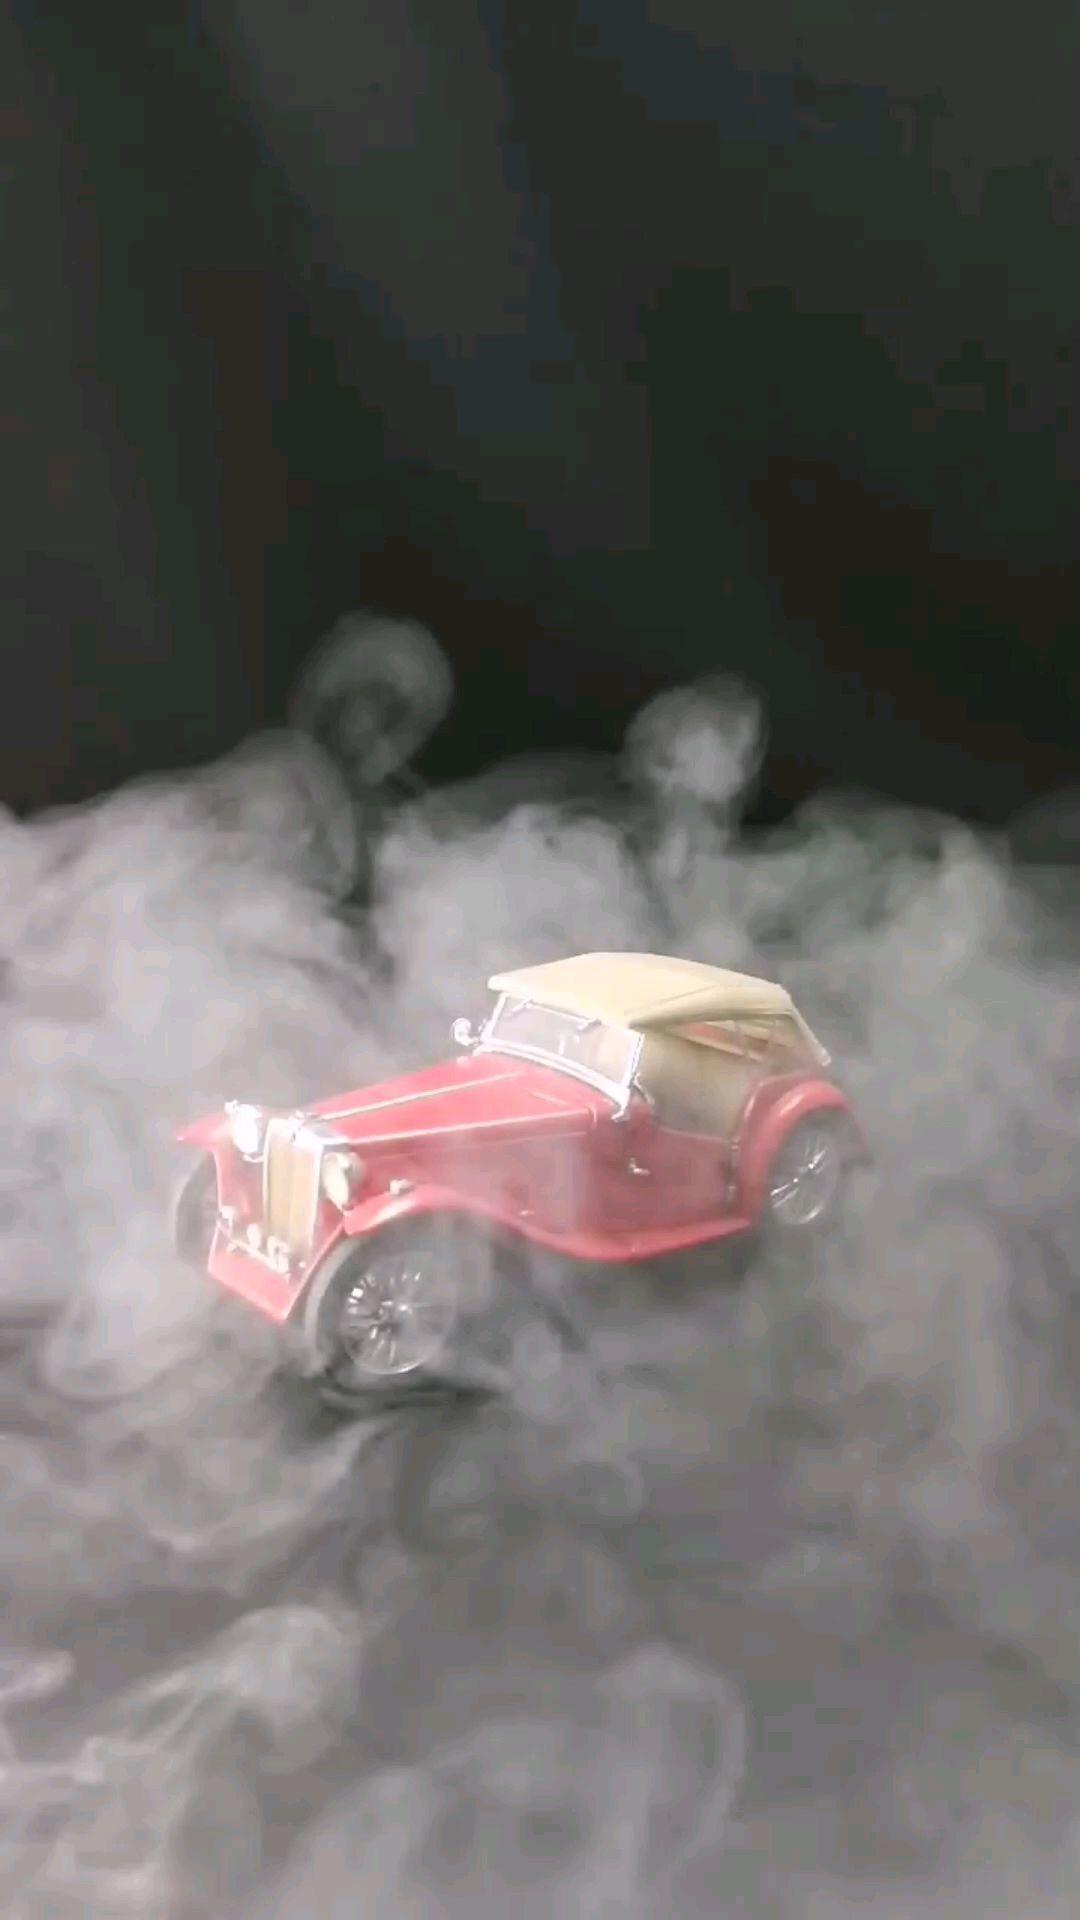 1948英国MGTC小跑车,1:24,东晓汽车模型收藏馆藏品。